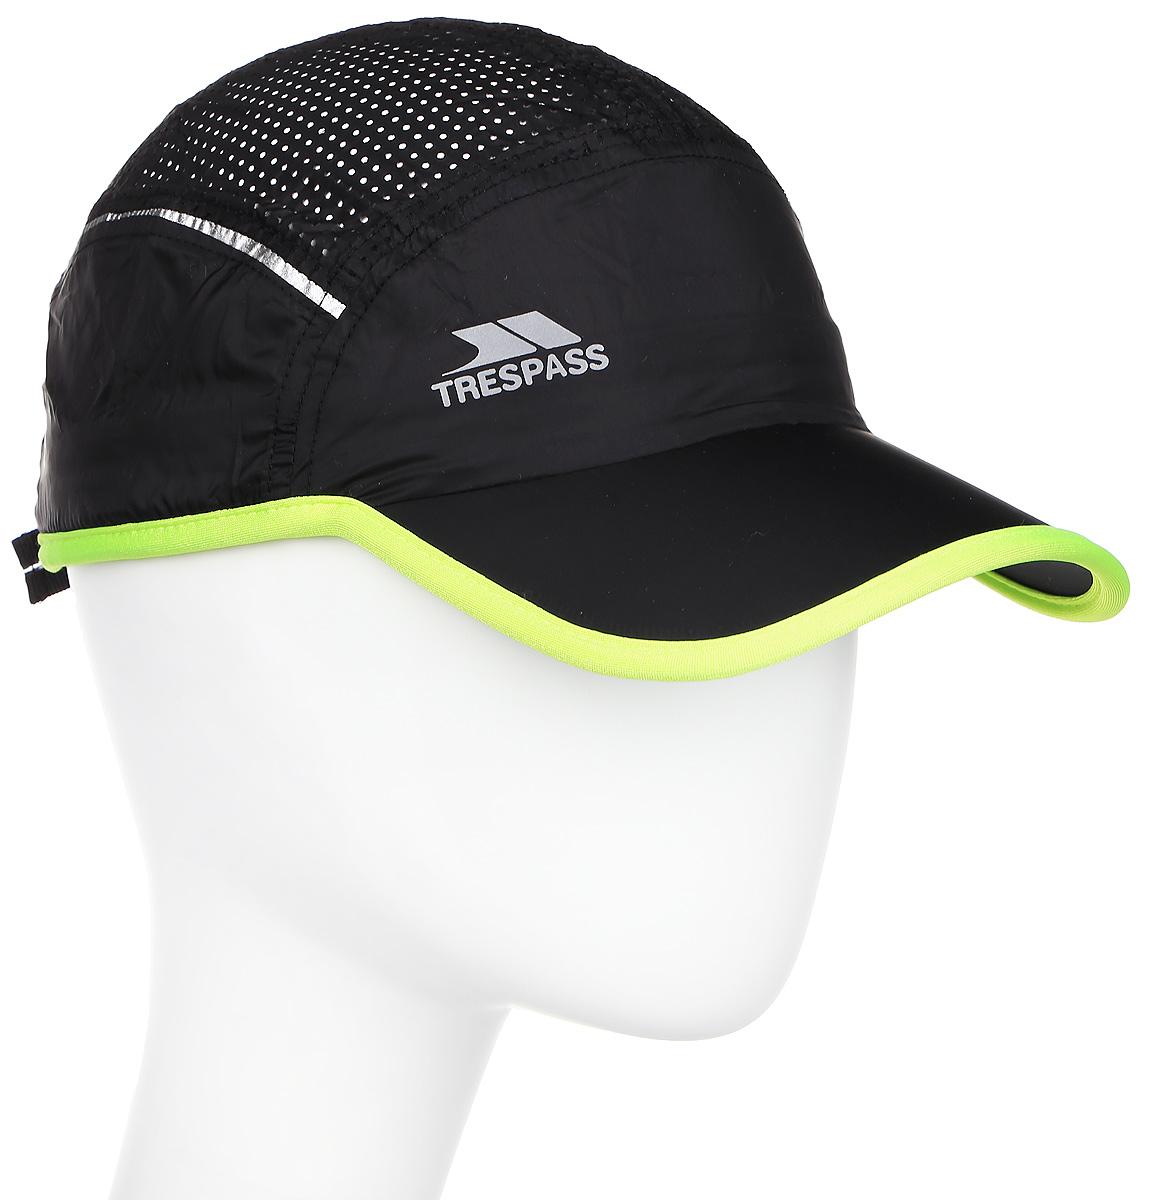 Бейсболка мужская Trespass Benzie, цвет: черный. UAHSHAL10001. Размер S\M (56/58)UAHSHAL10001Бейсболка Trespass Benzie выполнена из полиамида. Модель с изогнутым козырьком оформлена логотипом бренда.